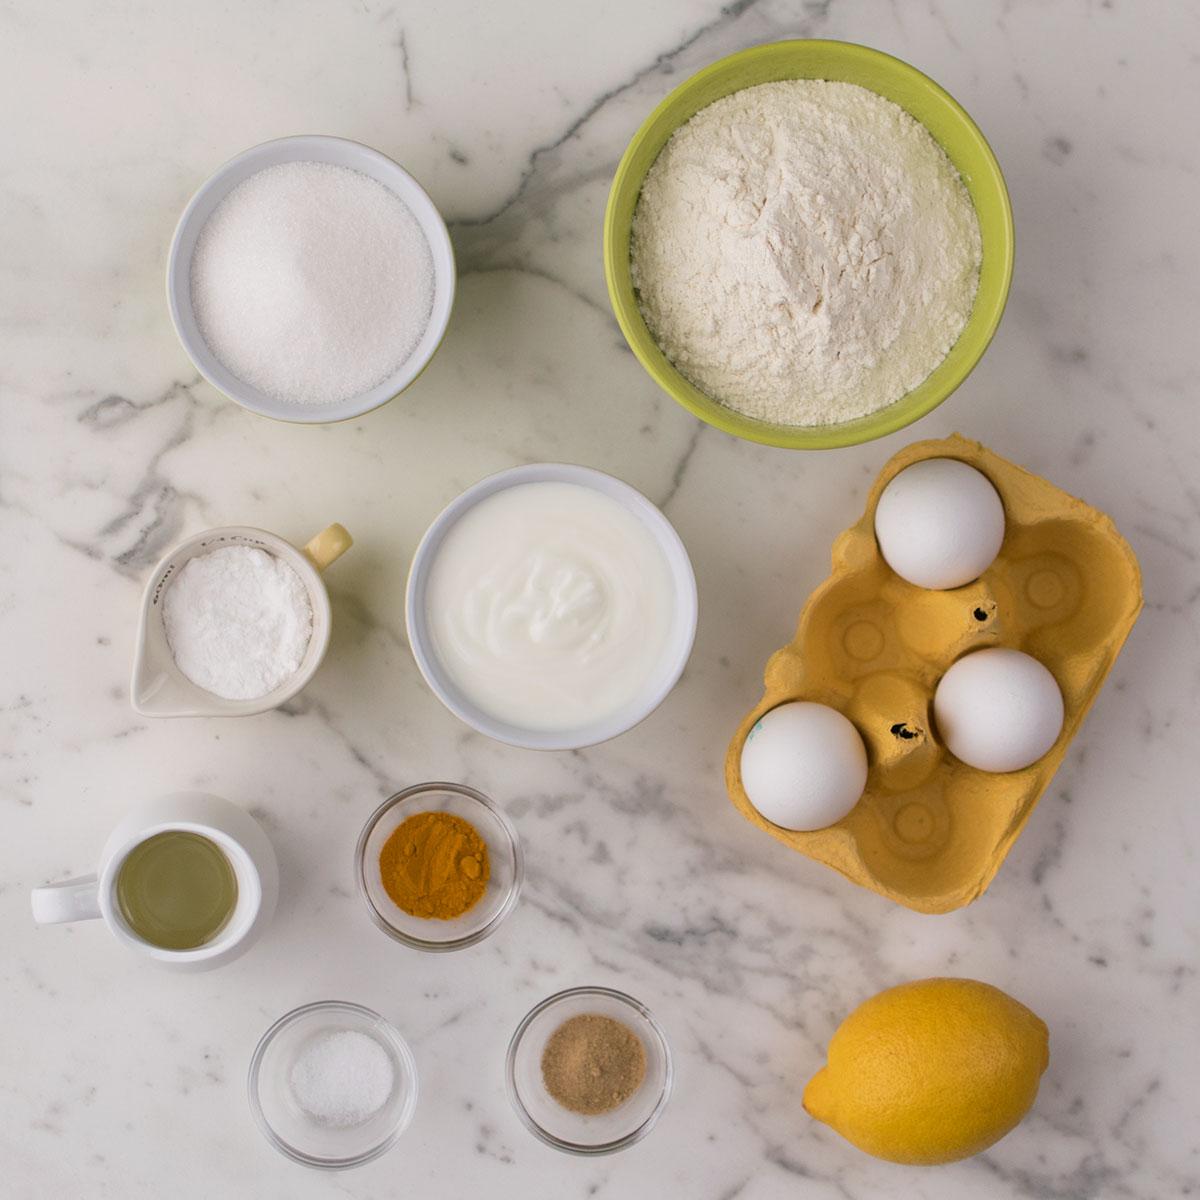 plumcake_yogurt_curcuma_zenzero_limone_ingredienti